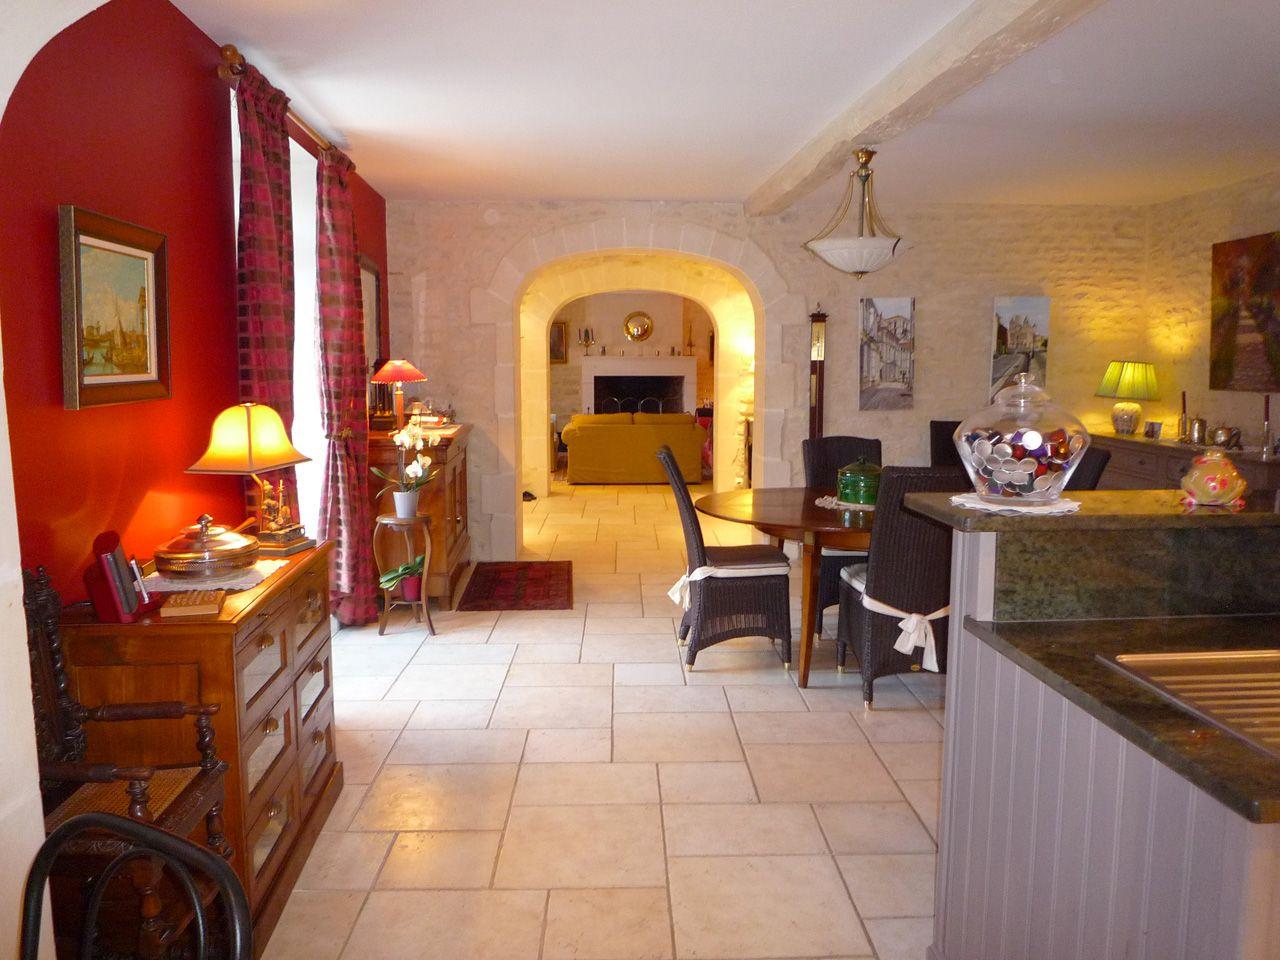 Maison traditionnelle charentaise - Intérieur